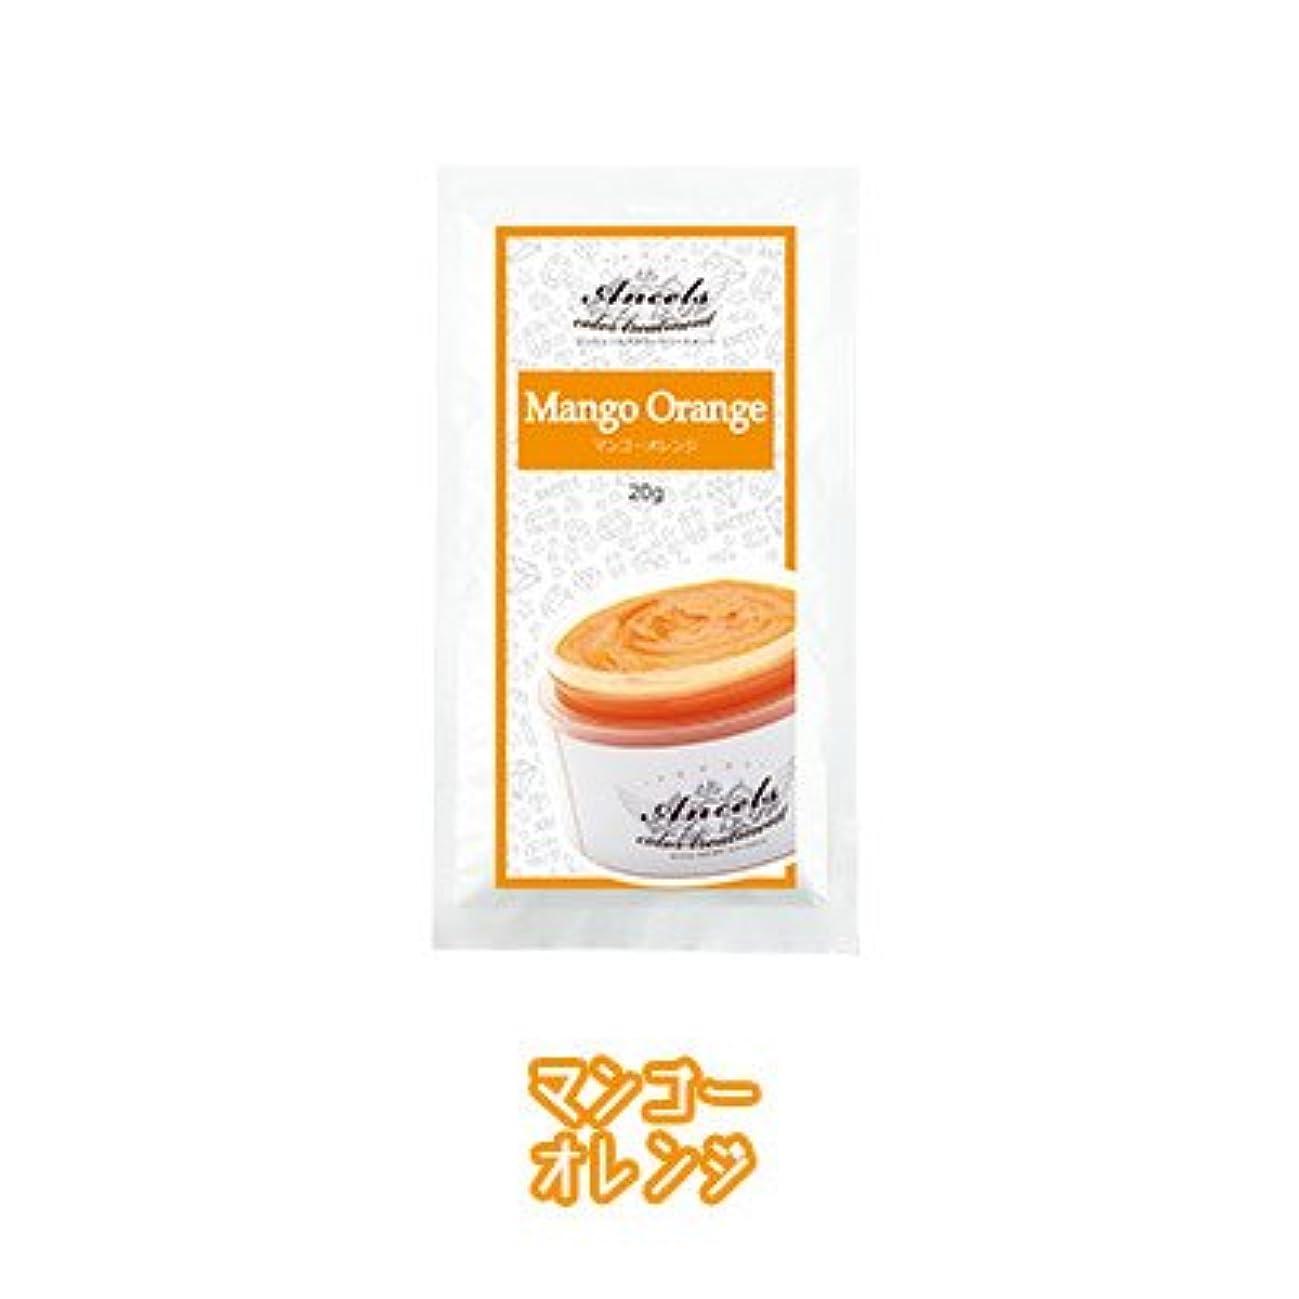 黒くする頻繁に注入エンシェールズ カラートリートメントバター プチ(お試しサイズ) マンゴーオレンジ 20g